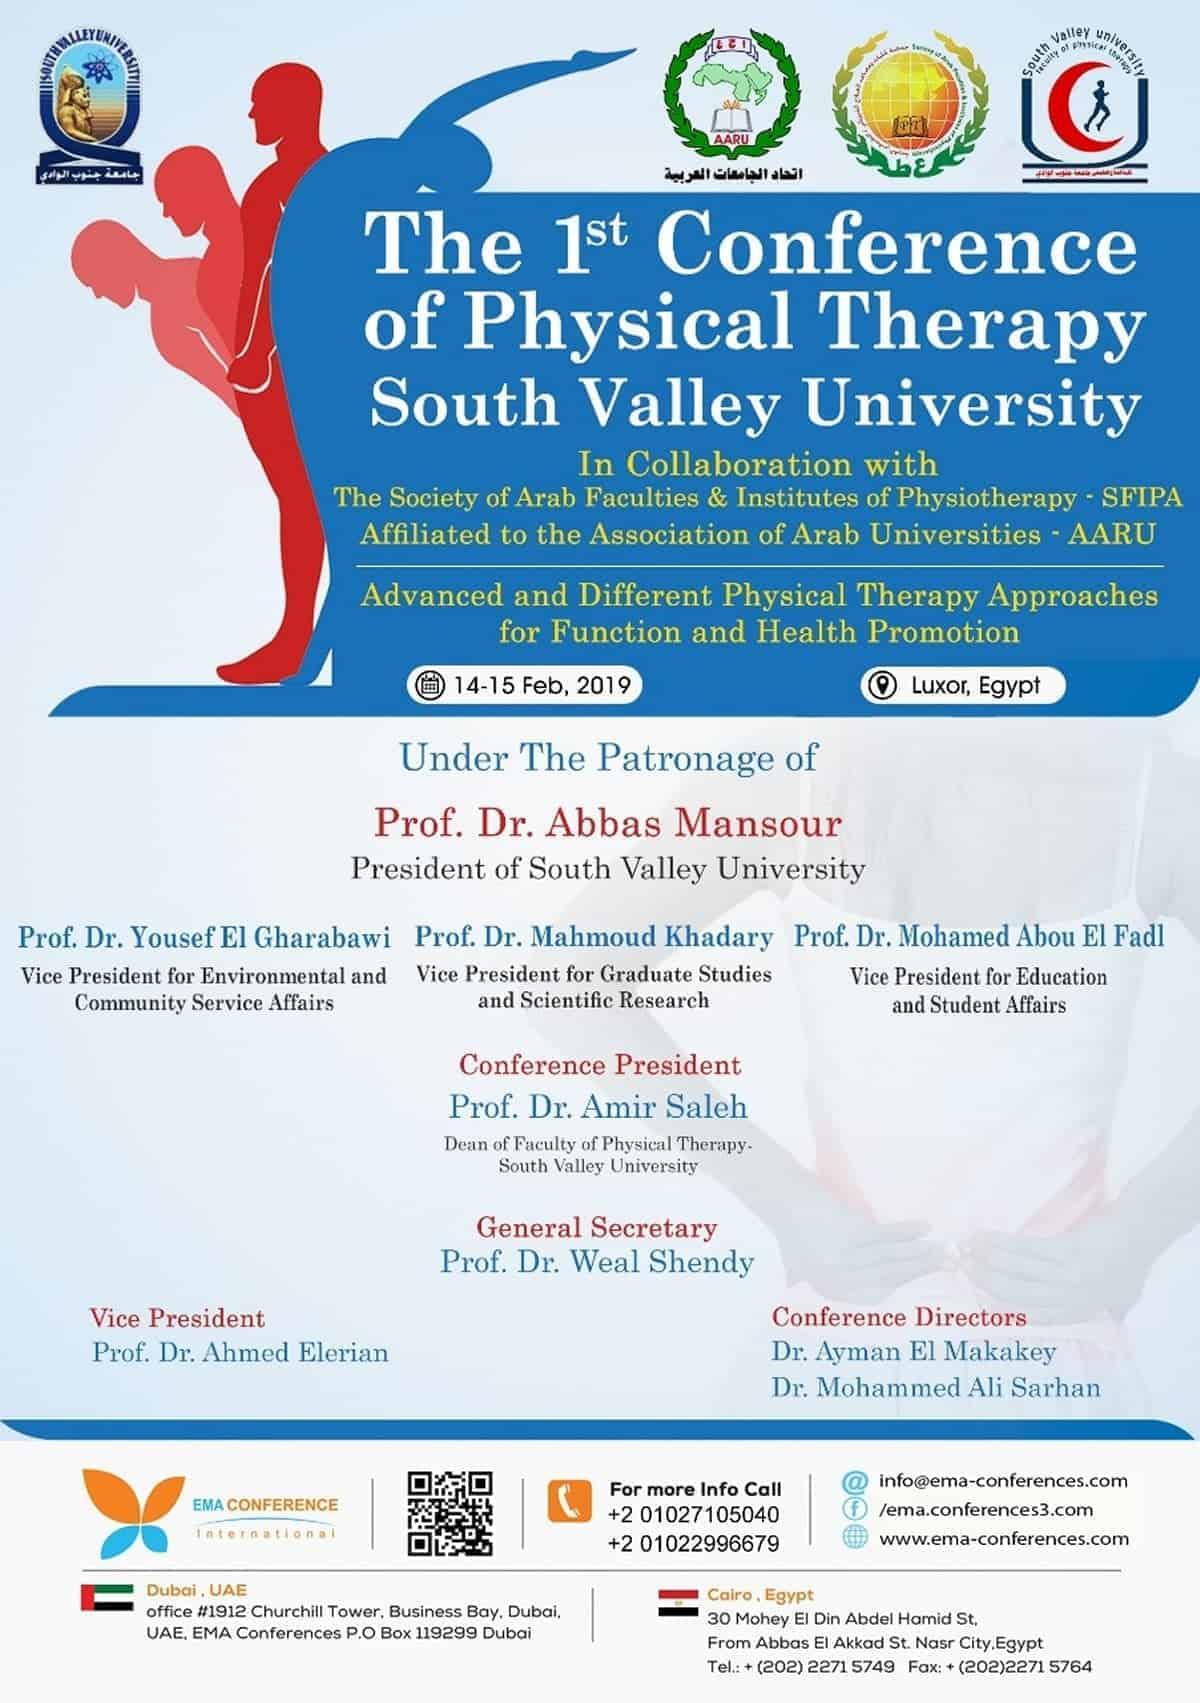 المؤتمر الأول لكلية العلاج الطبيعي جامعة جنوب الوادي